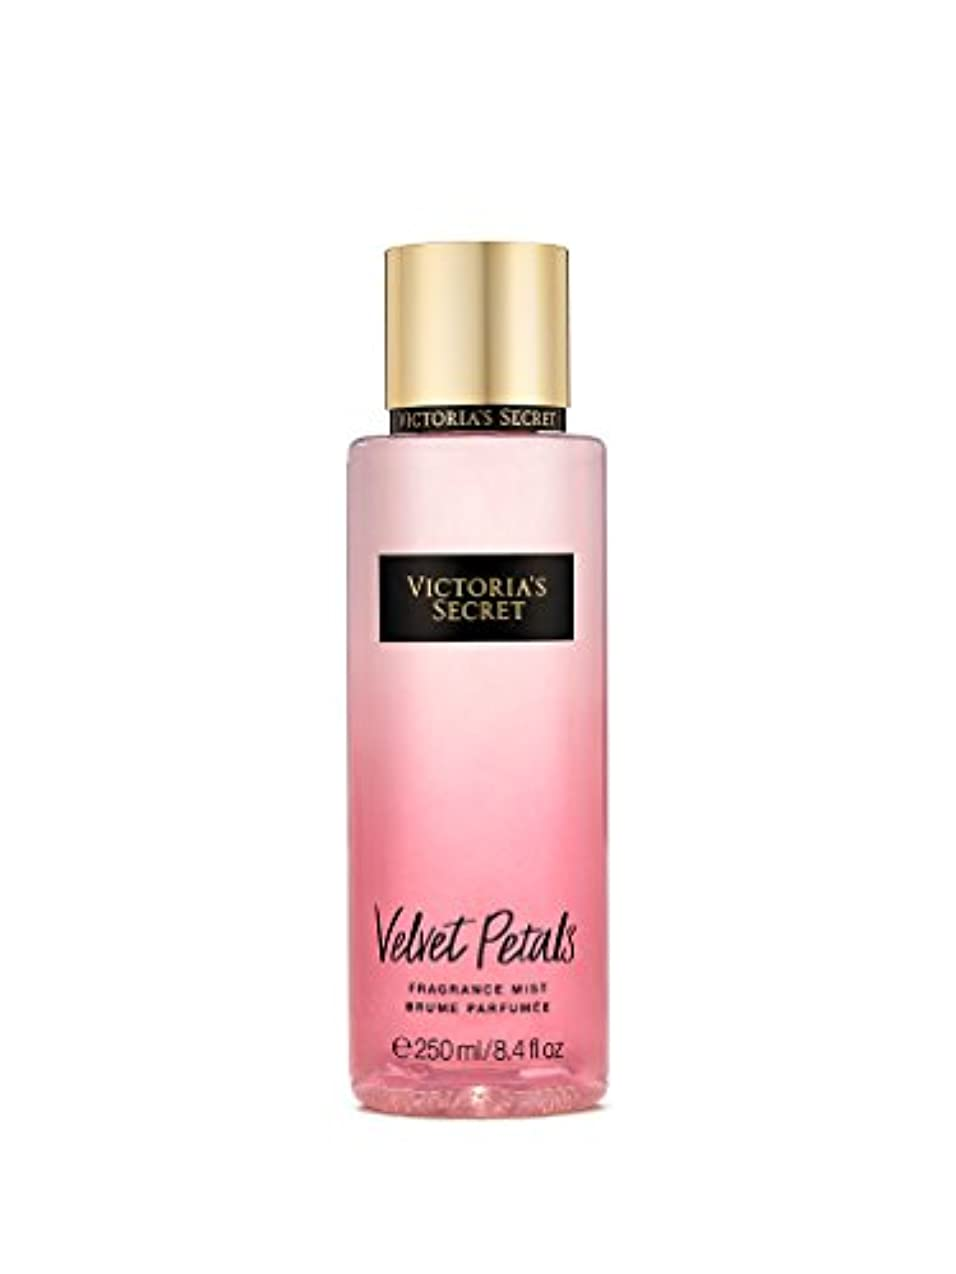 誇大妄想粘性のマルクス主義者【並行輸入品】Victoria's Secret Velvet Petals Fragrance Mist ヴィクトリアズシークレットベルベットぺタルズミスト250 ml